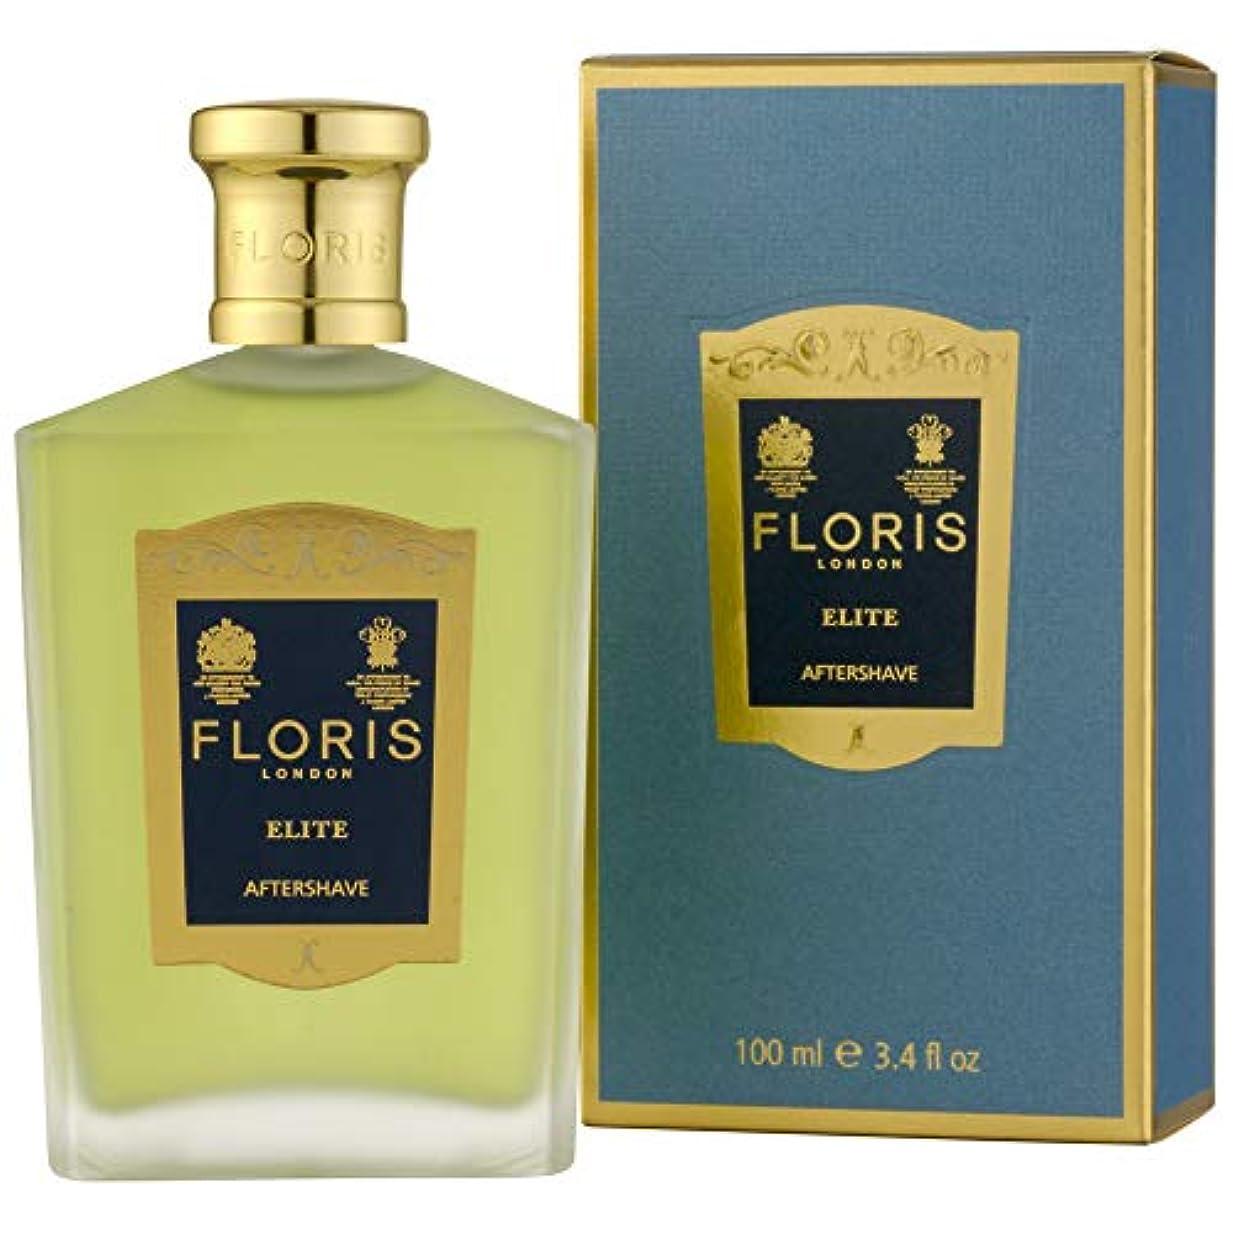 スクラップブック住人宅配便[Floris] 100ミリリットルとしてフロリスエリート - Floris Elite AS 100ml [並行輸入品]